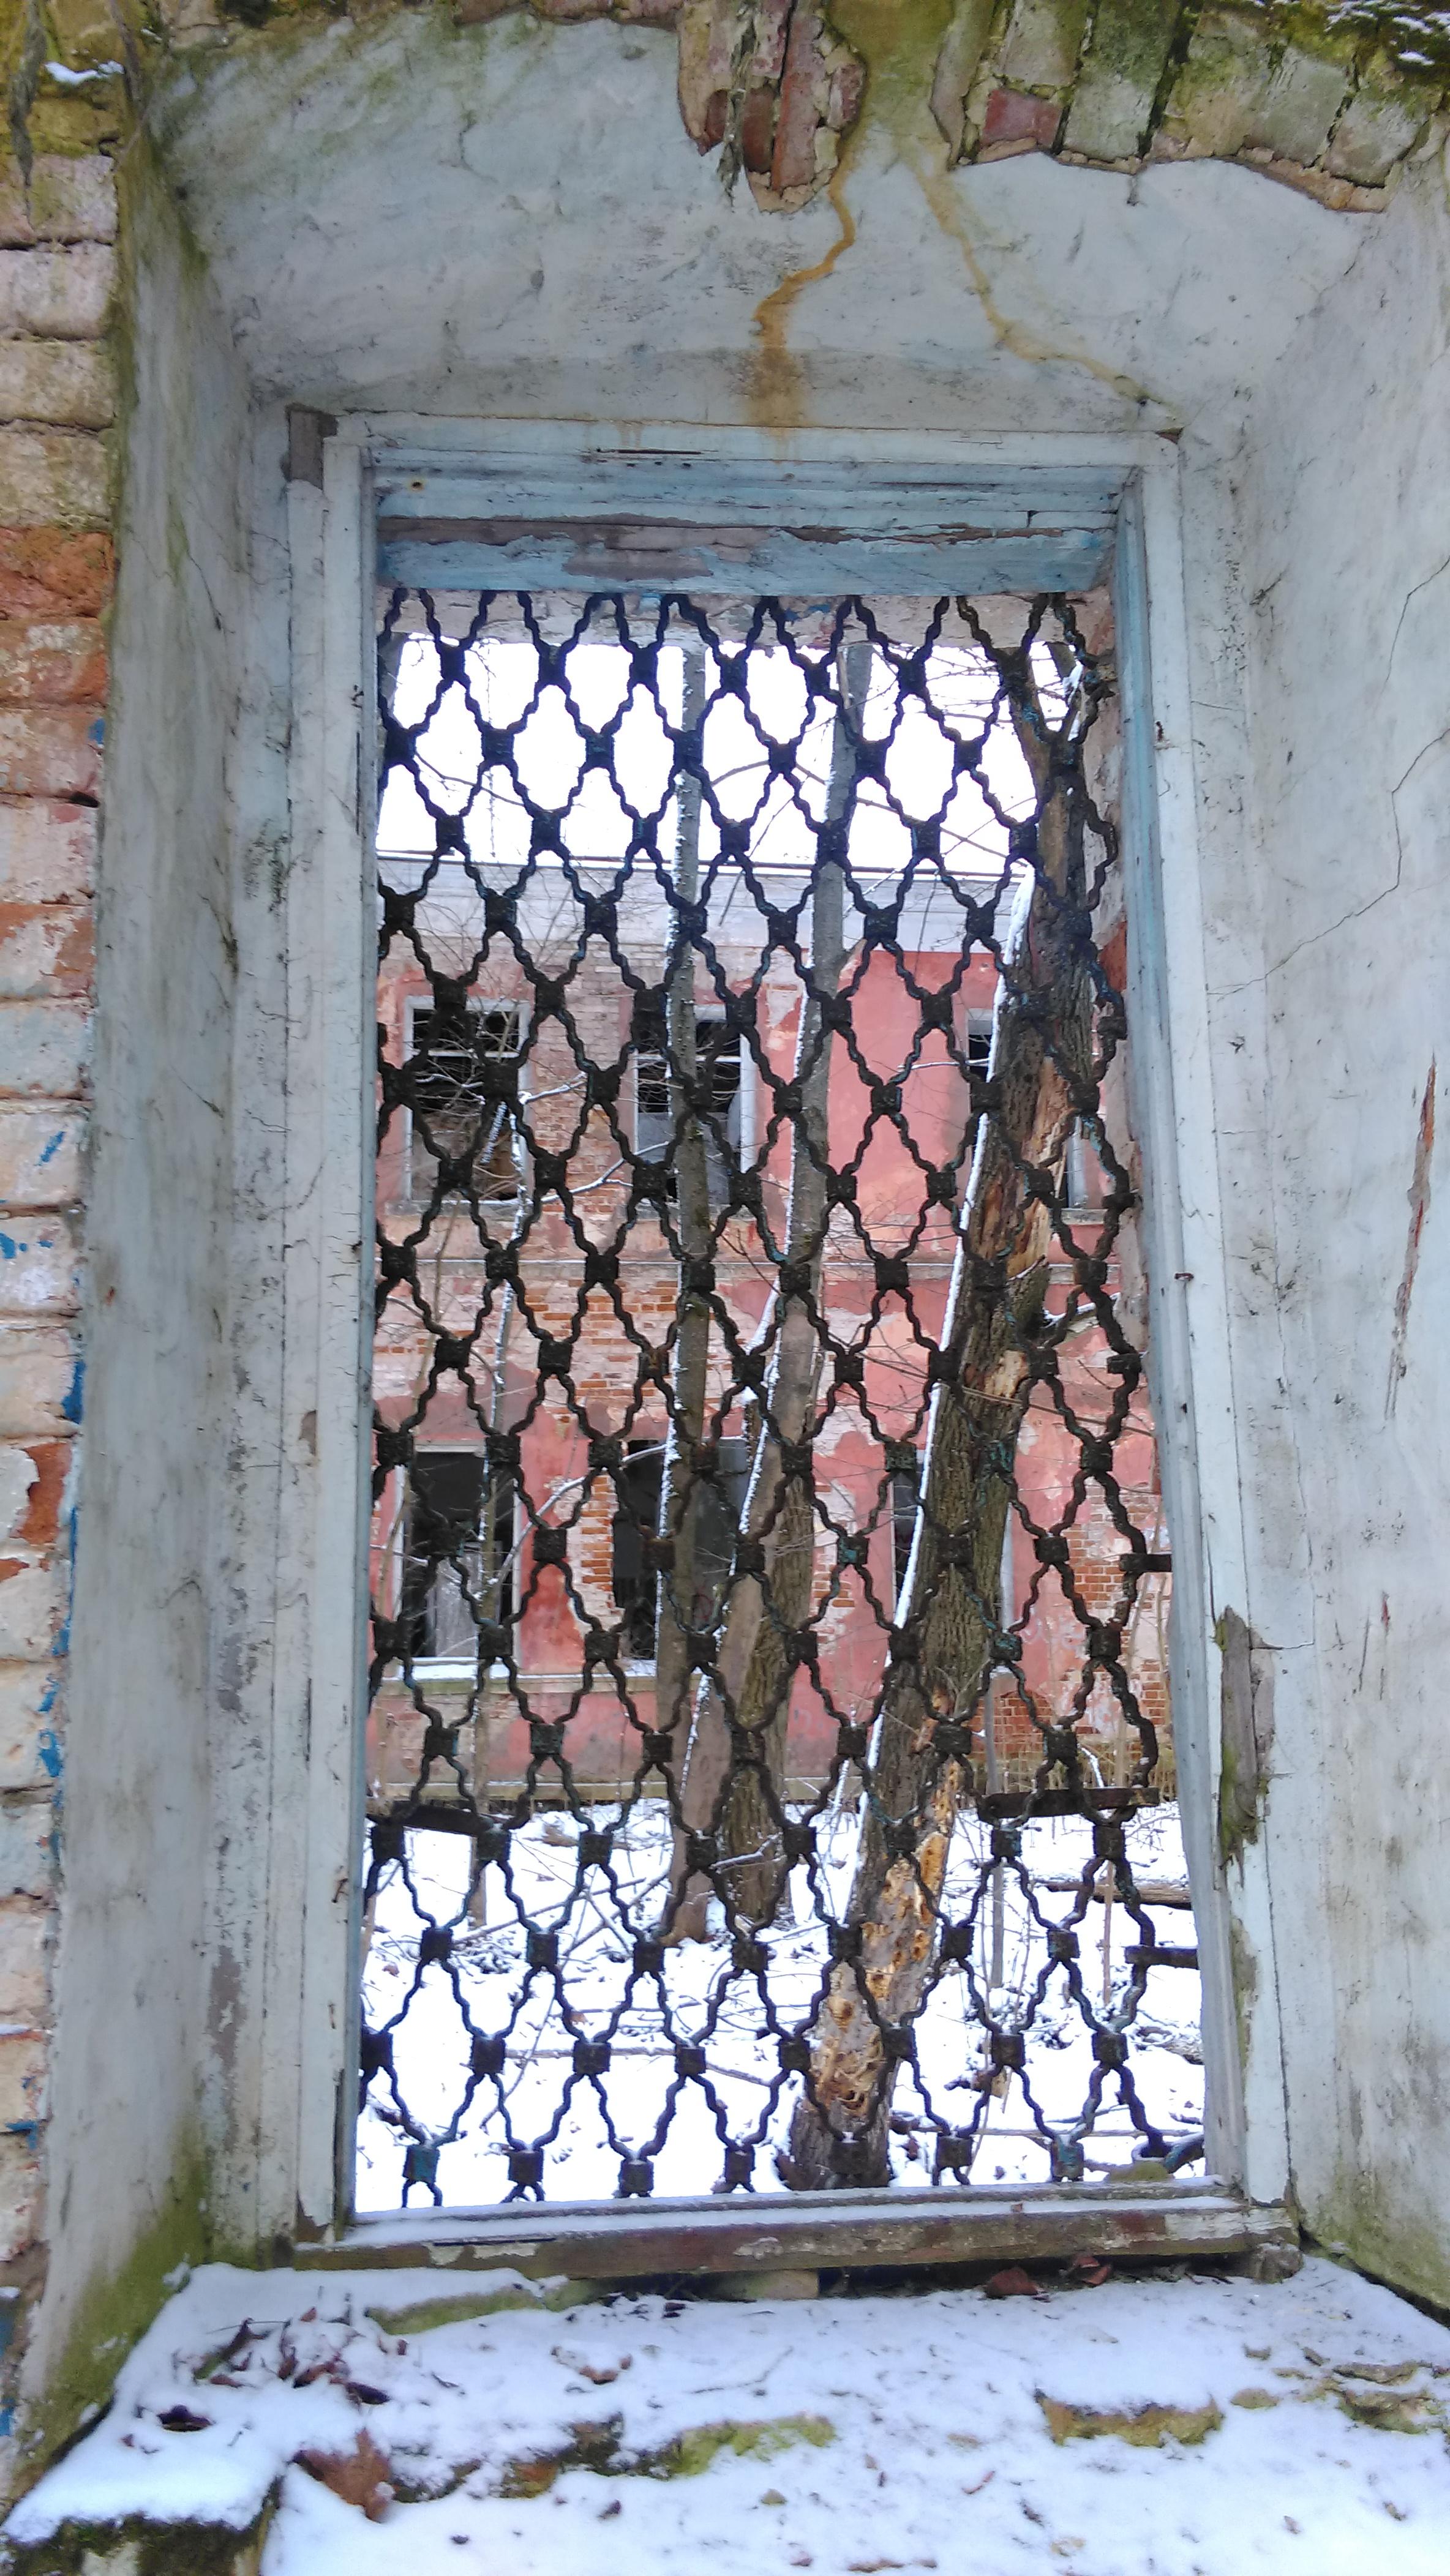 А за окном притягивает взор большое двухэтажное главное здание усадьбы.